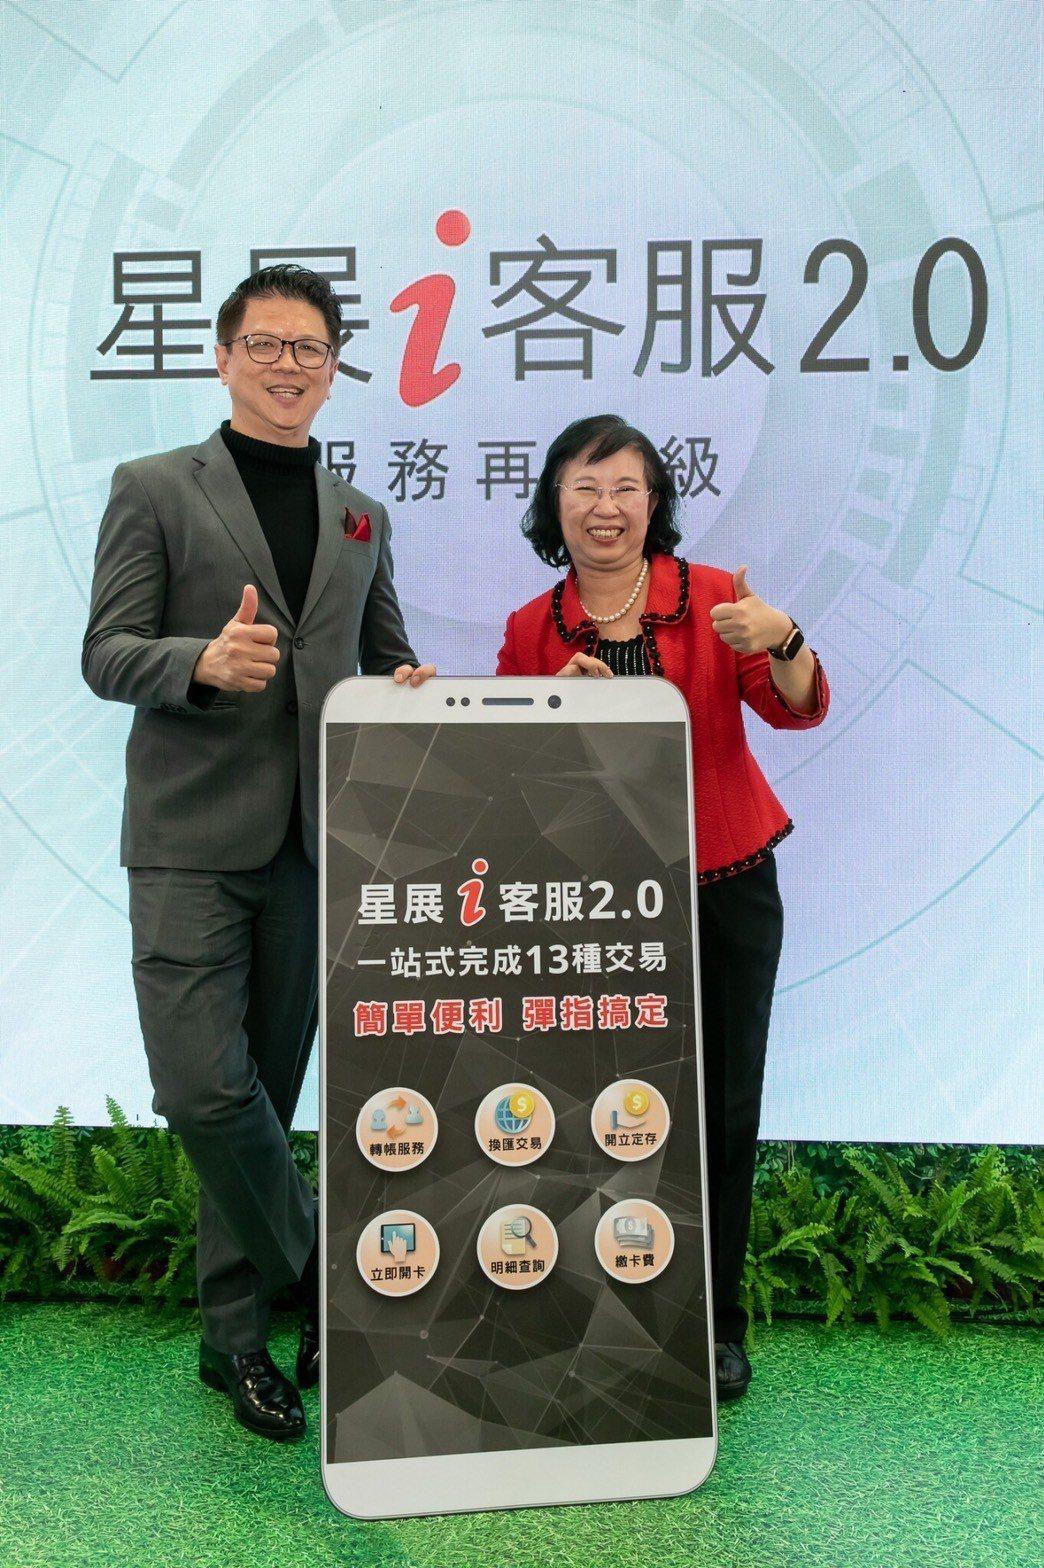 圖說1:星展銀行(台灣)總經理林鑫川(左)與星展銀行(台灣)營運長楊真理,共同宣...